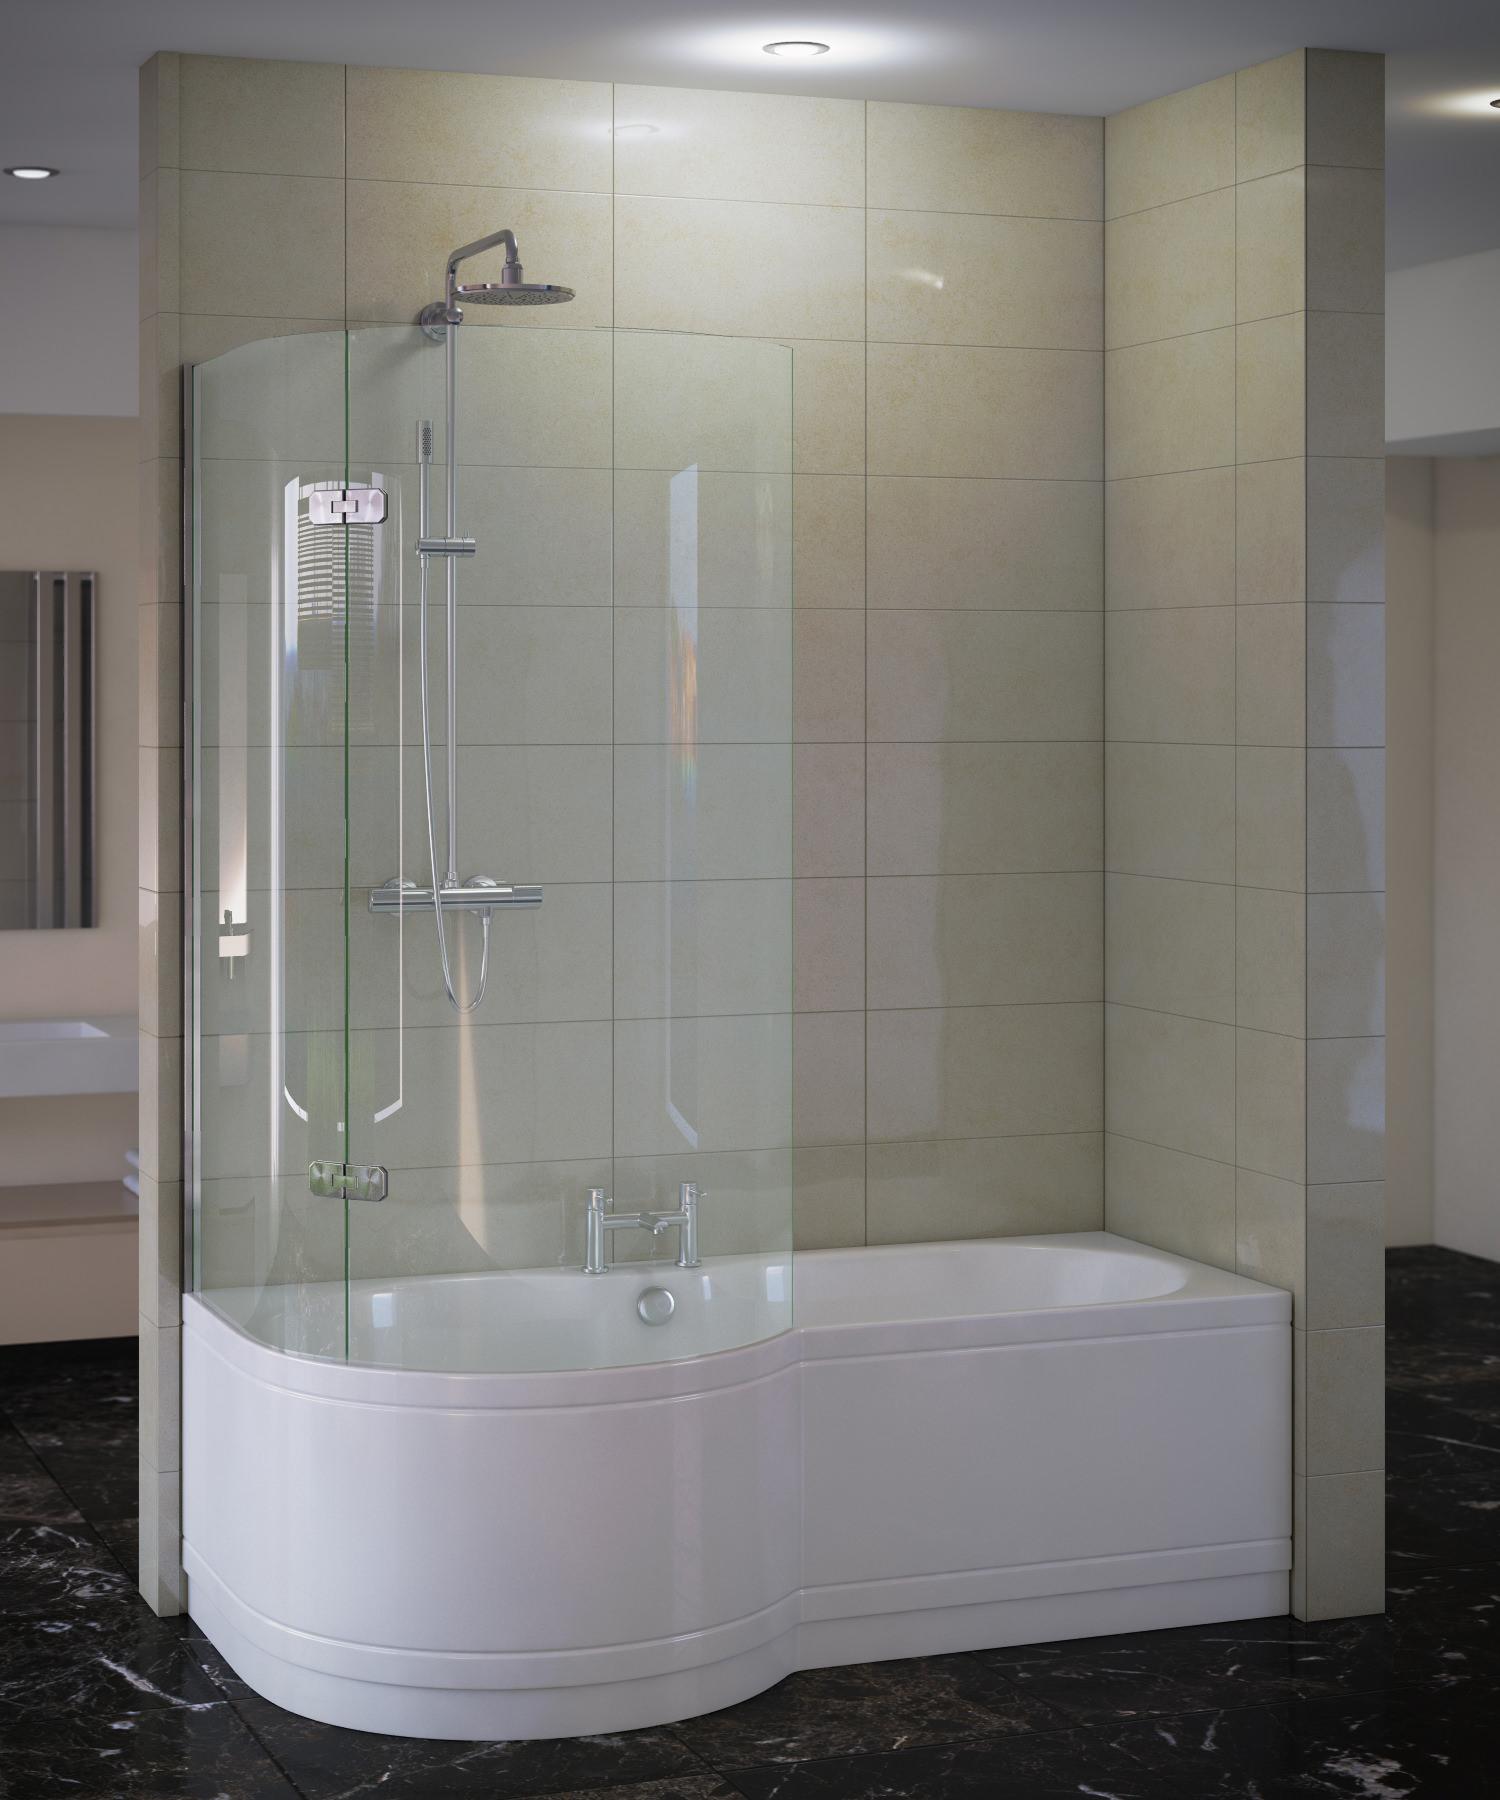 bette cora ronda comfort corner super steel bath 1700 x bette cora ronda comfort corner super steel bath 1700 x